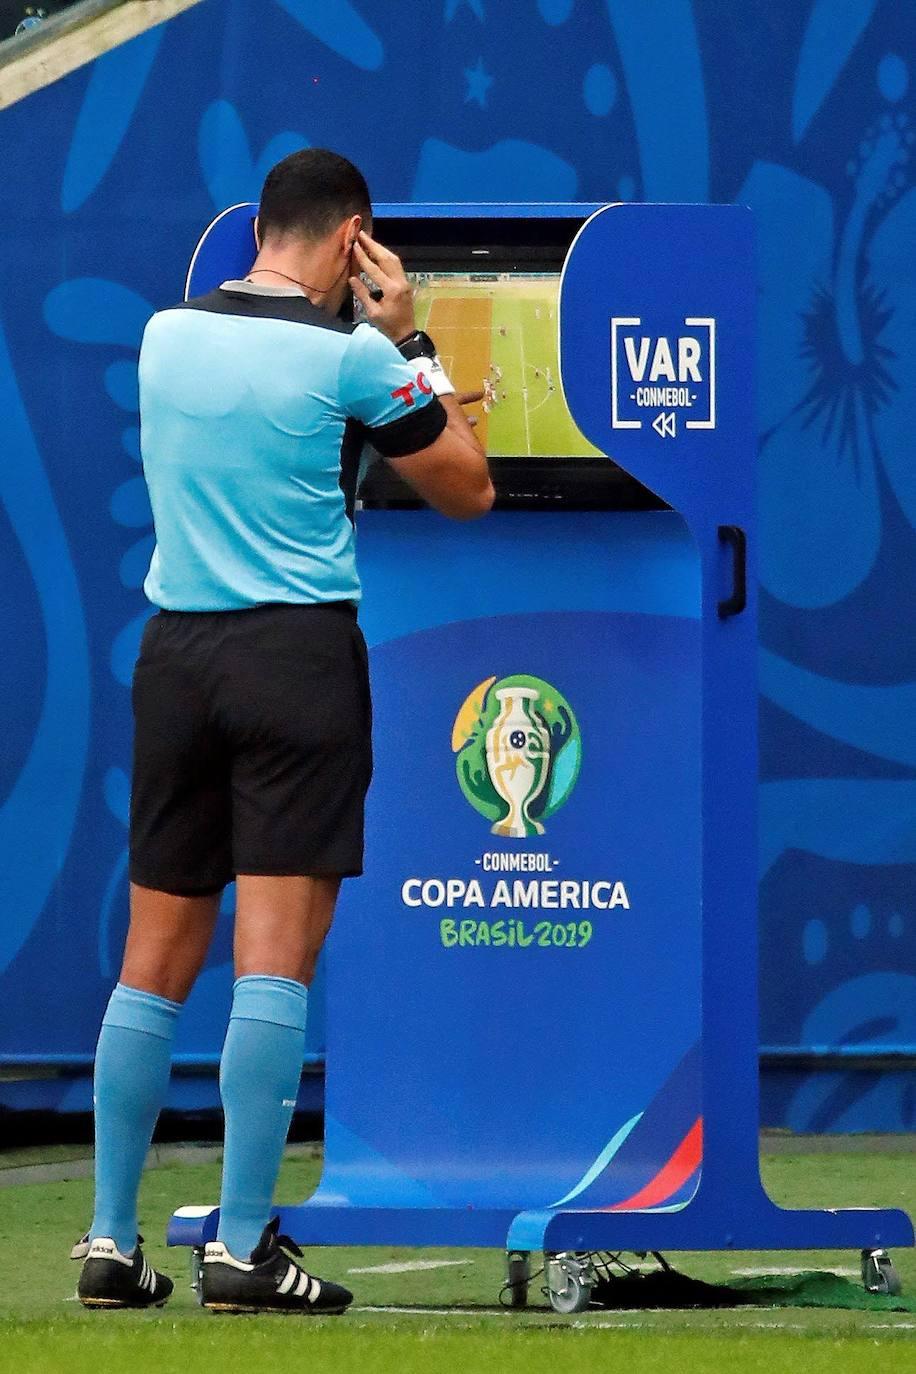 El VAR en Anduva tendrá 2 cámaras paralelas a la línea de gol y un monitor en Preferencia